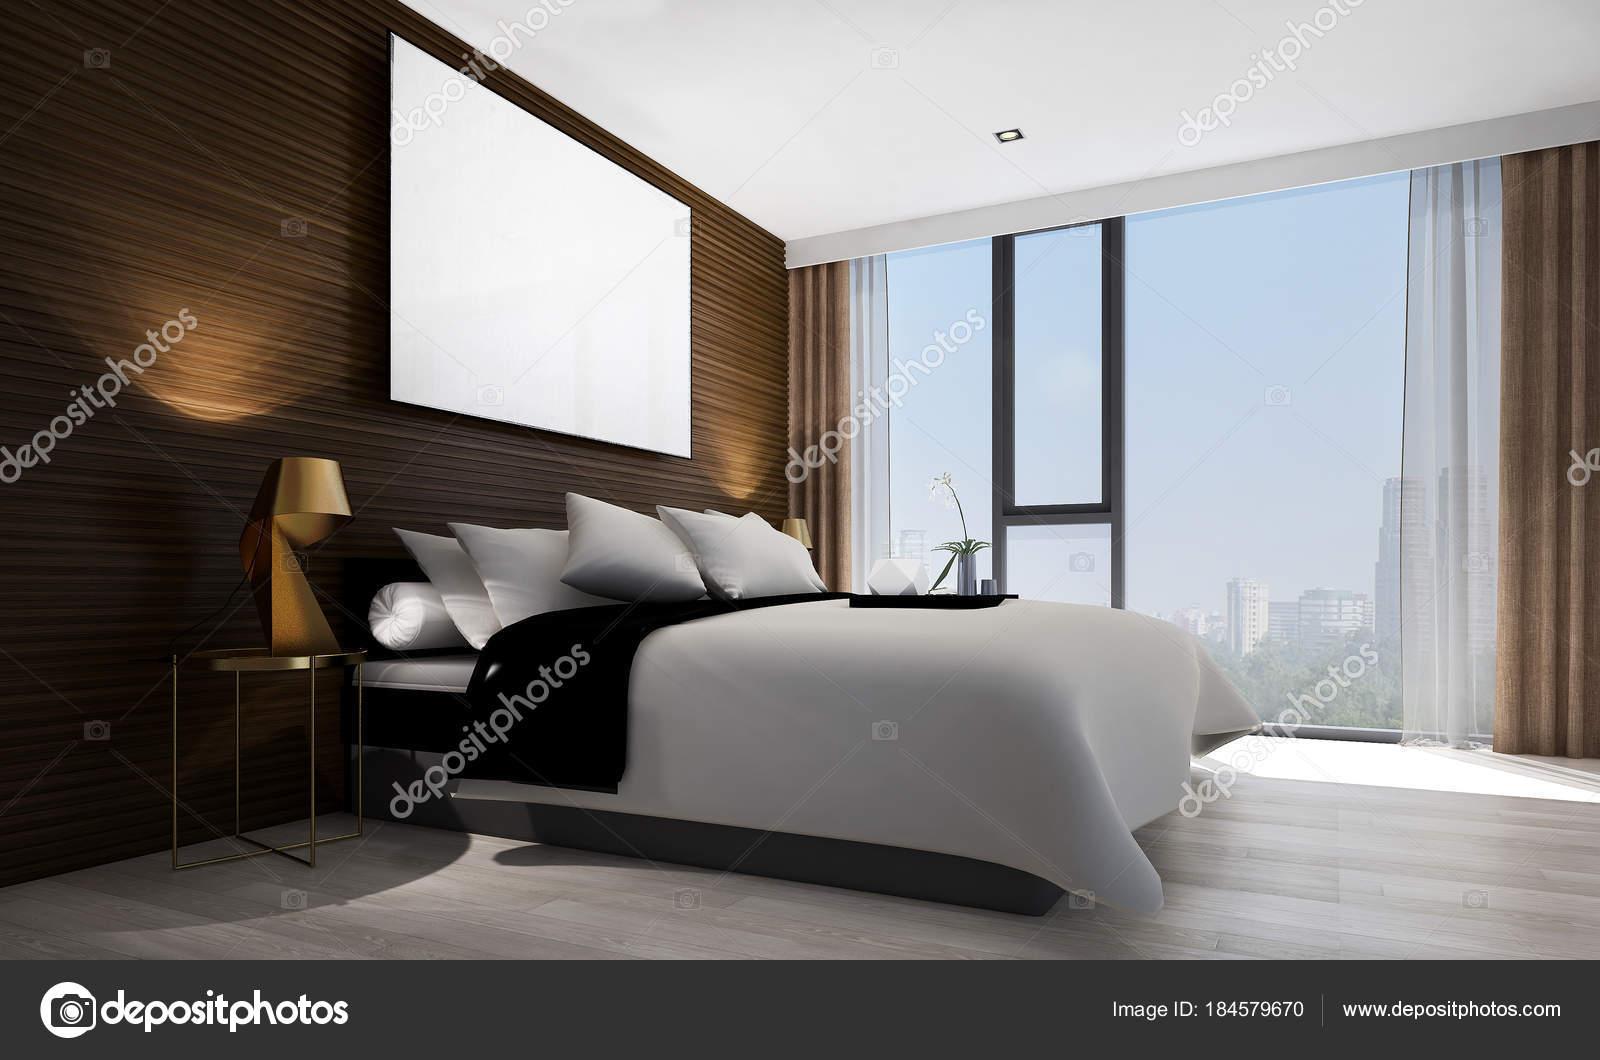 Fond Chambre Coucher Moderne Design Intérieur Texture Mur Paysage ...